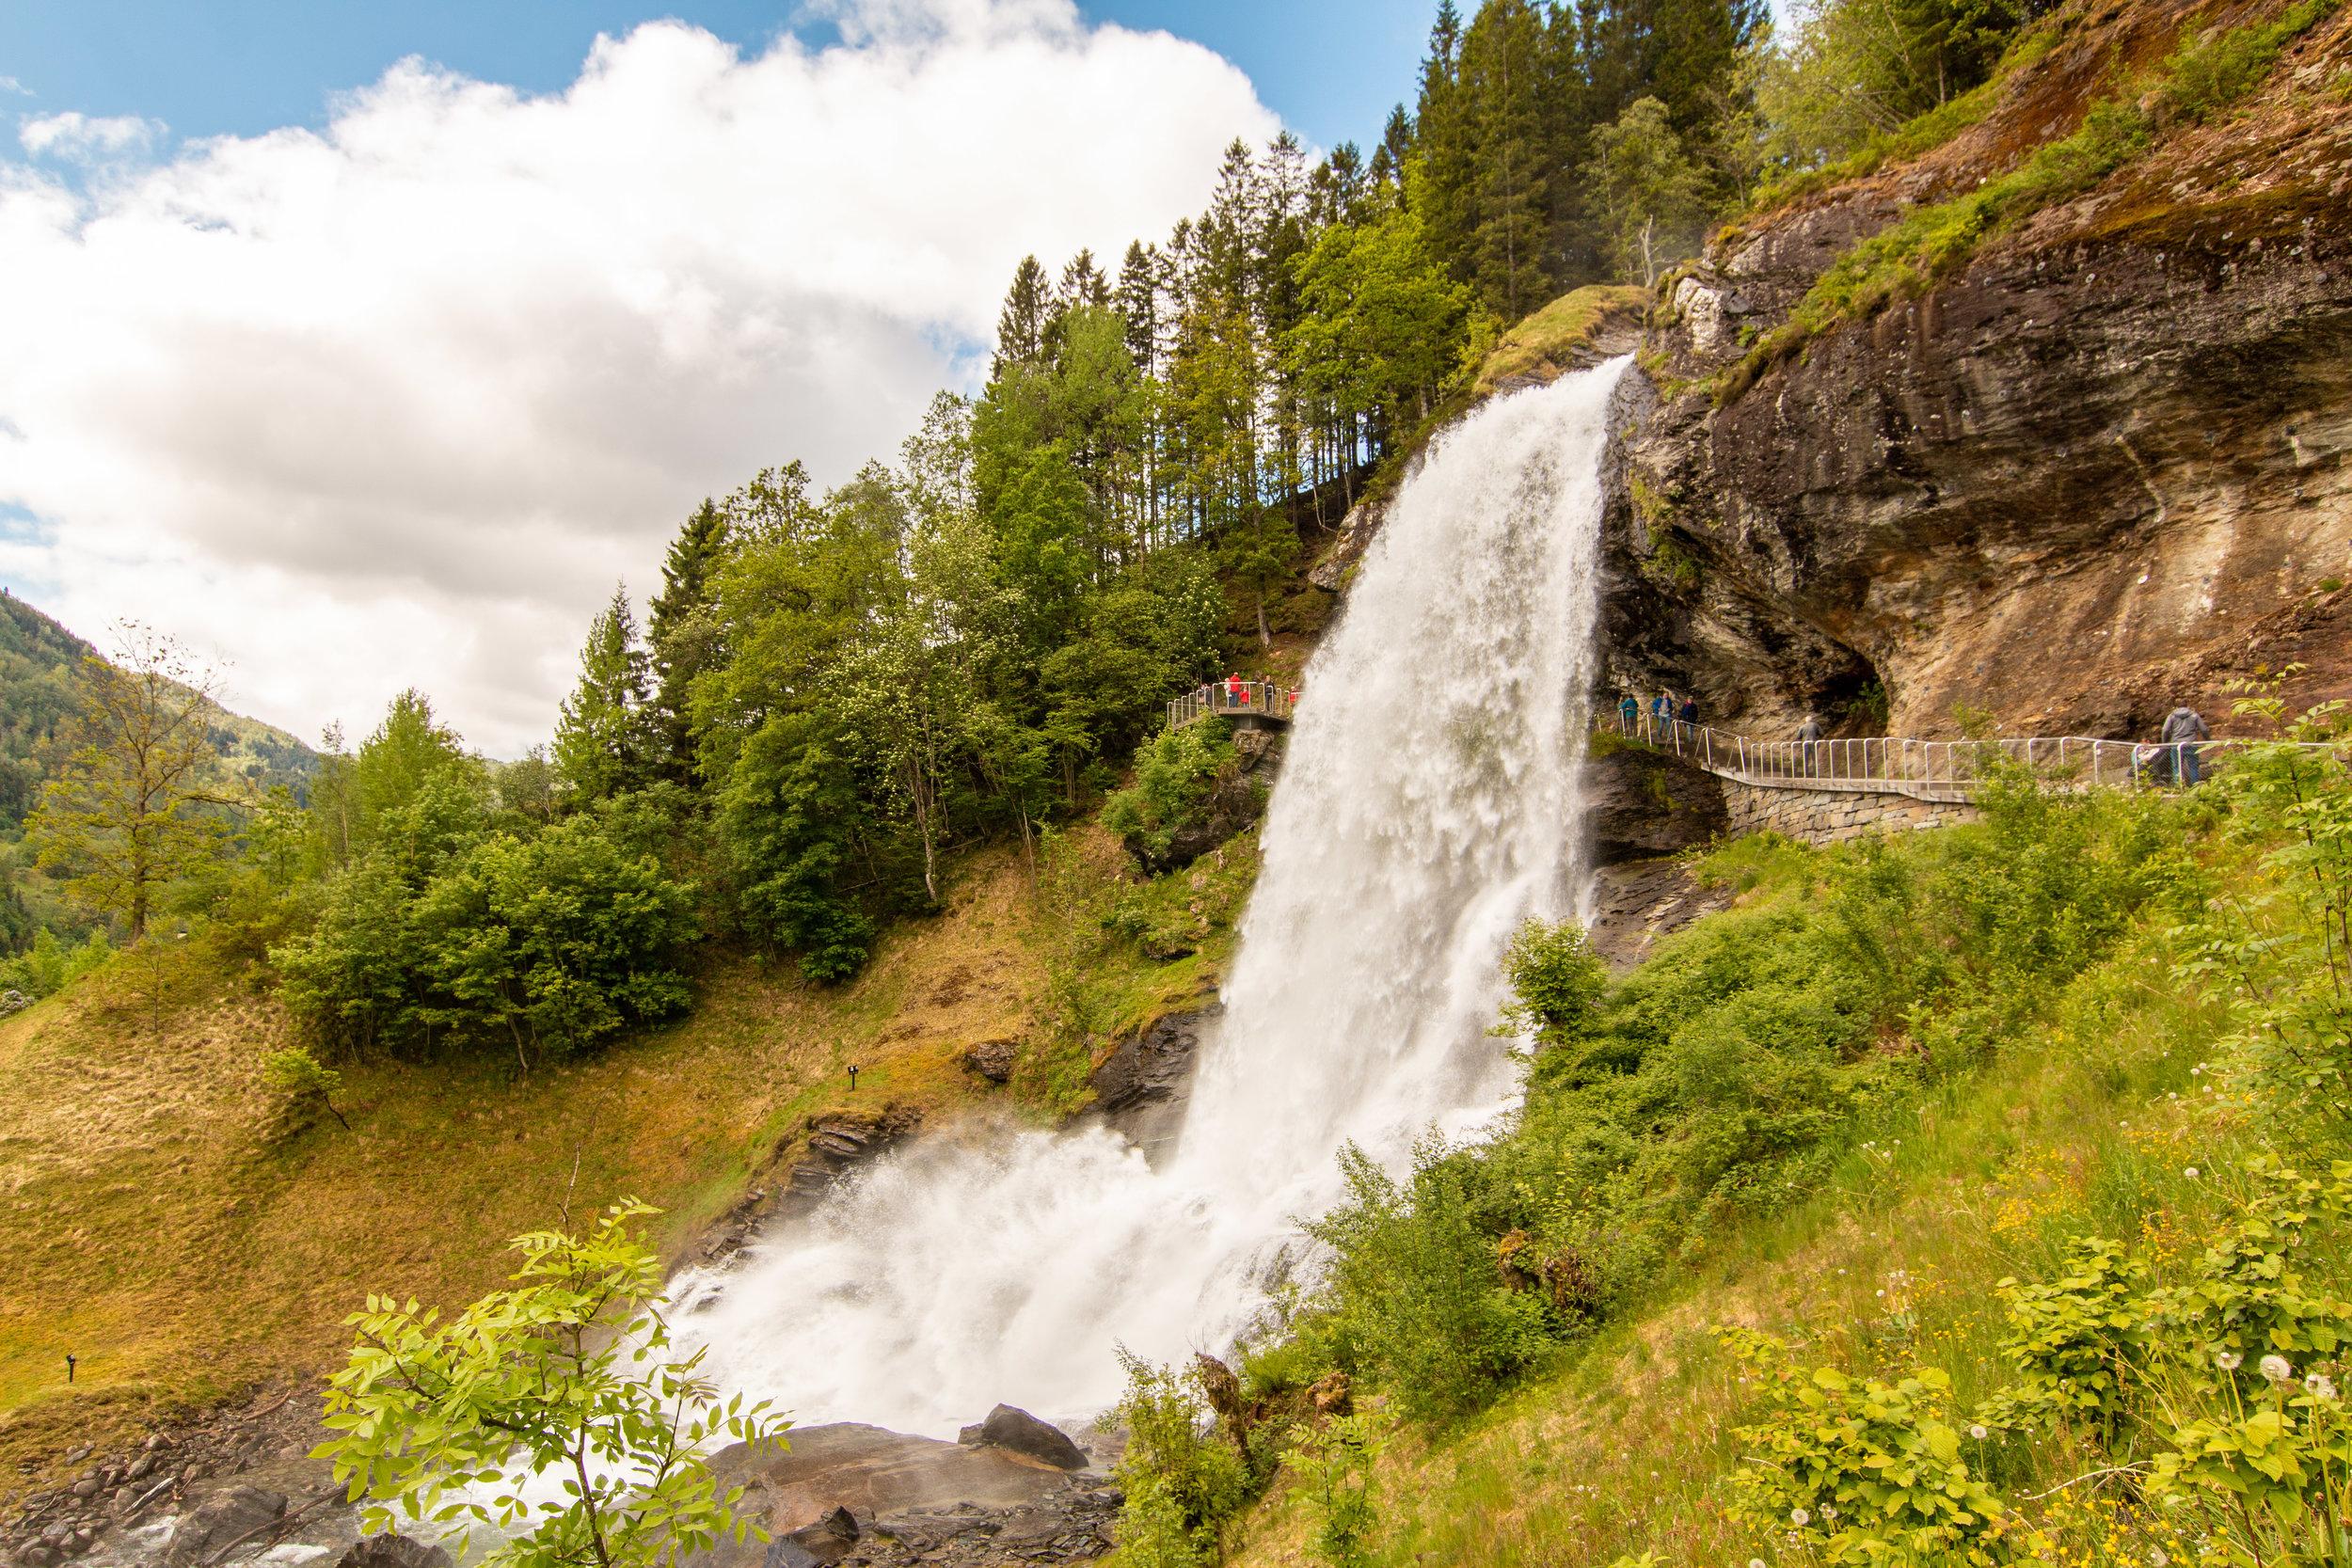 Steinsdalsfossen Wasserfall.jpg